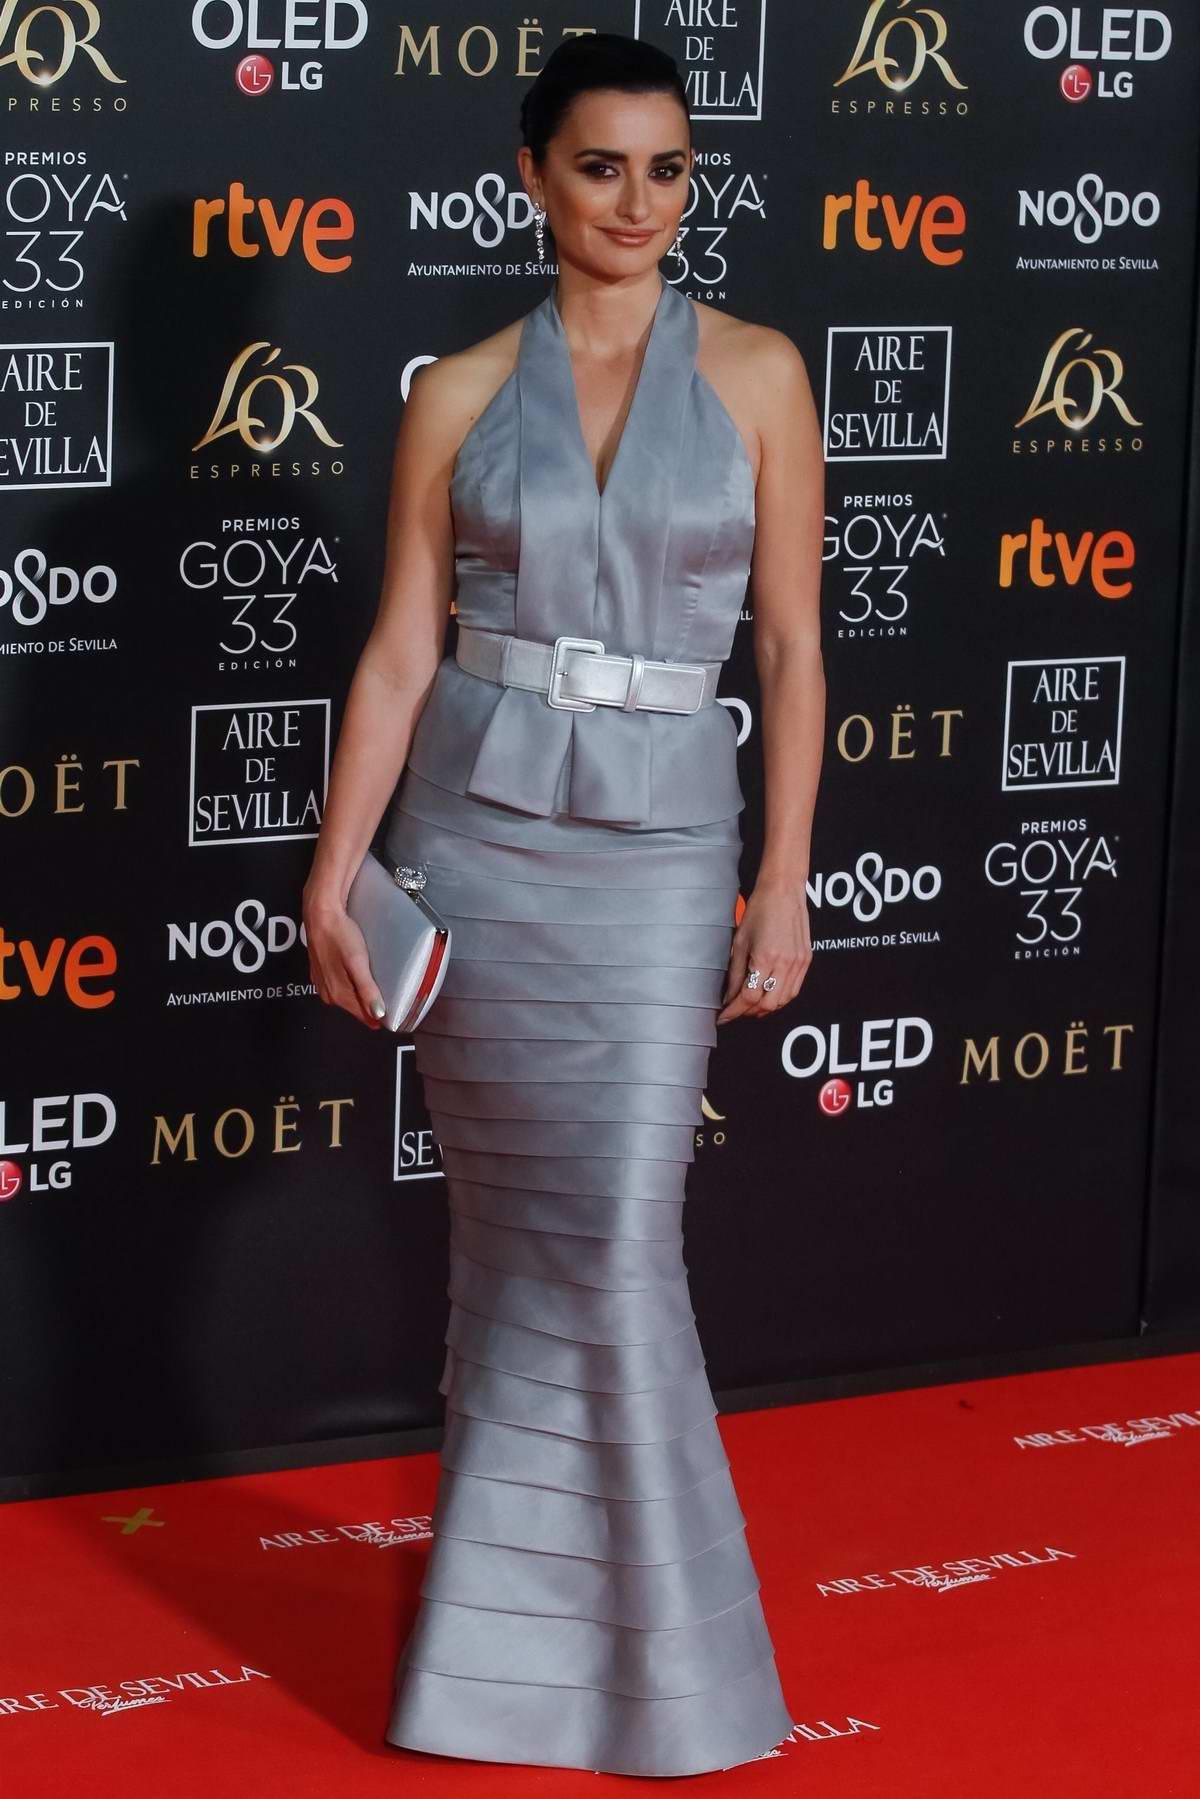 Penelope Cruz attends the Goya Cinema Awards at Palacio de Congresos y Exposiciones FIBES in Seville, Spain